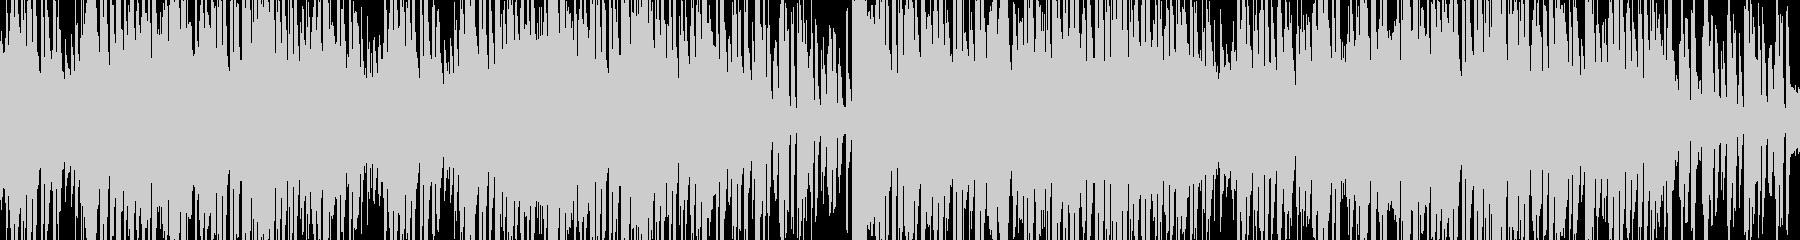 バー、喫茶店イメージのオシャレなピアノの未再生の波形